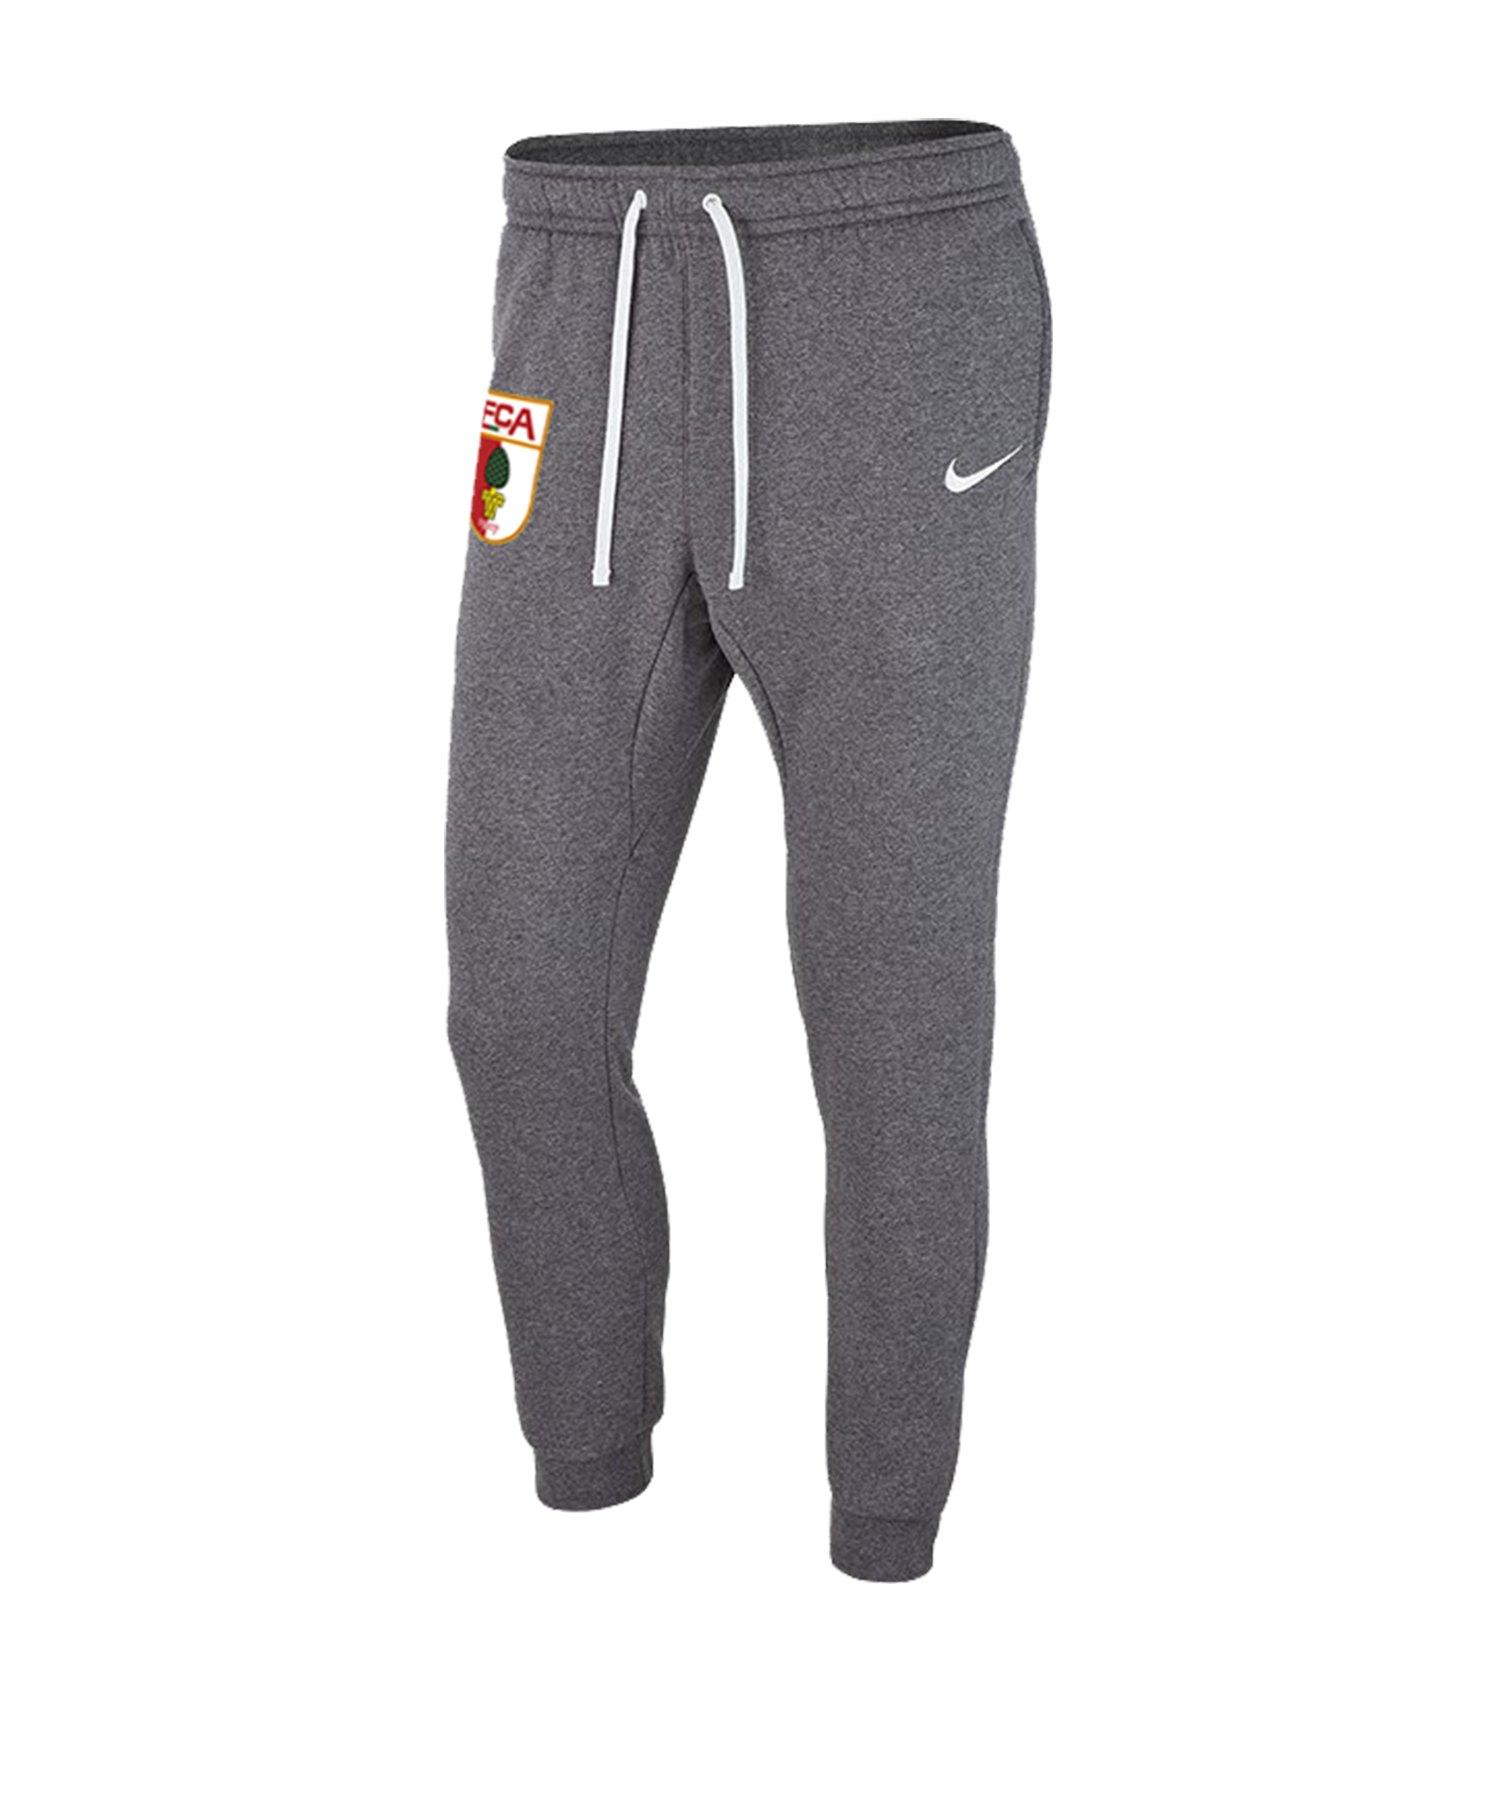 Nike FC Augsburg Jogginghose Grau F071 - grau